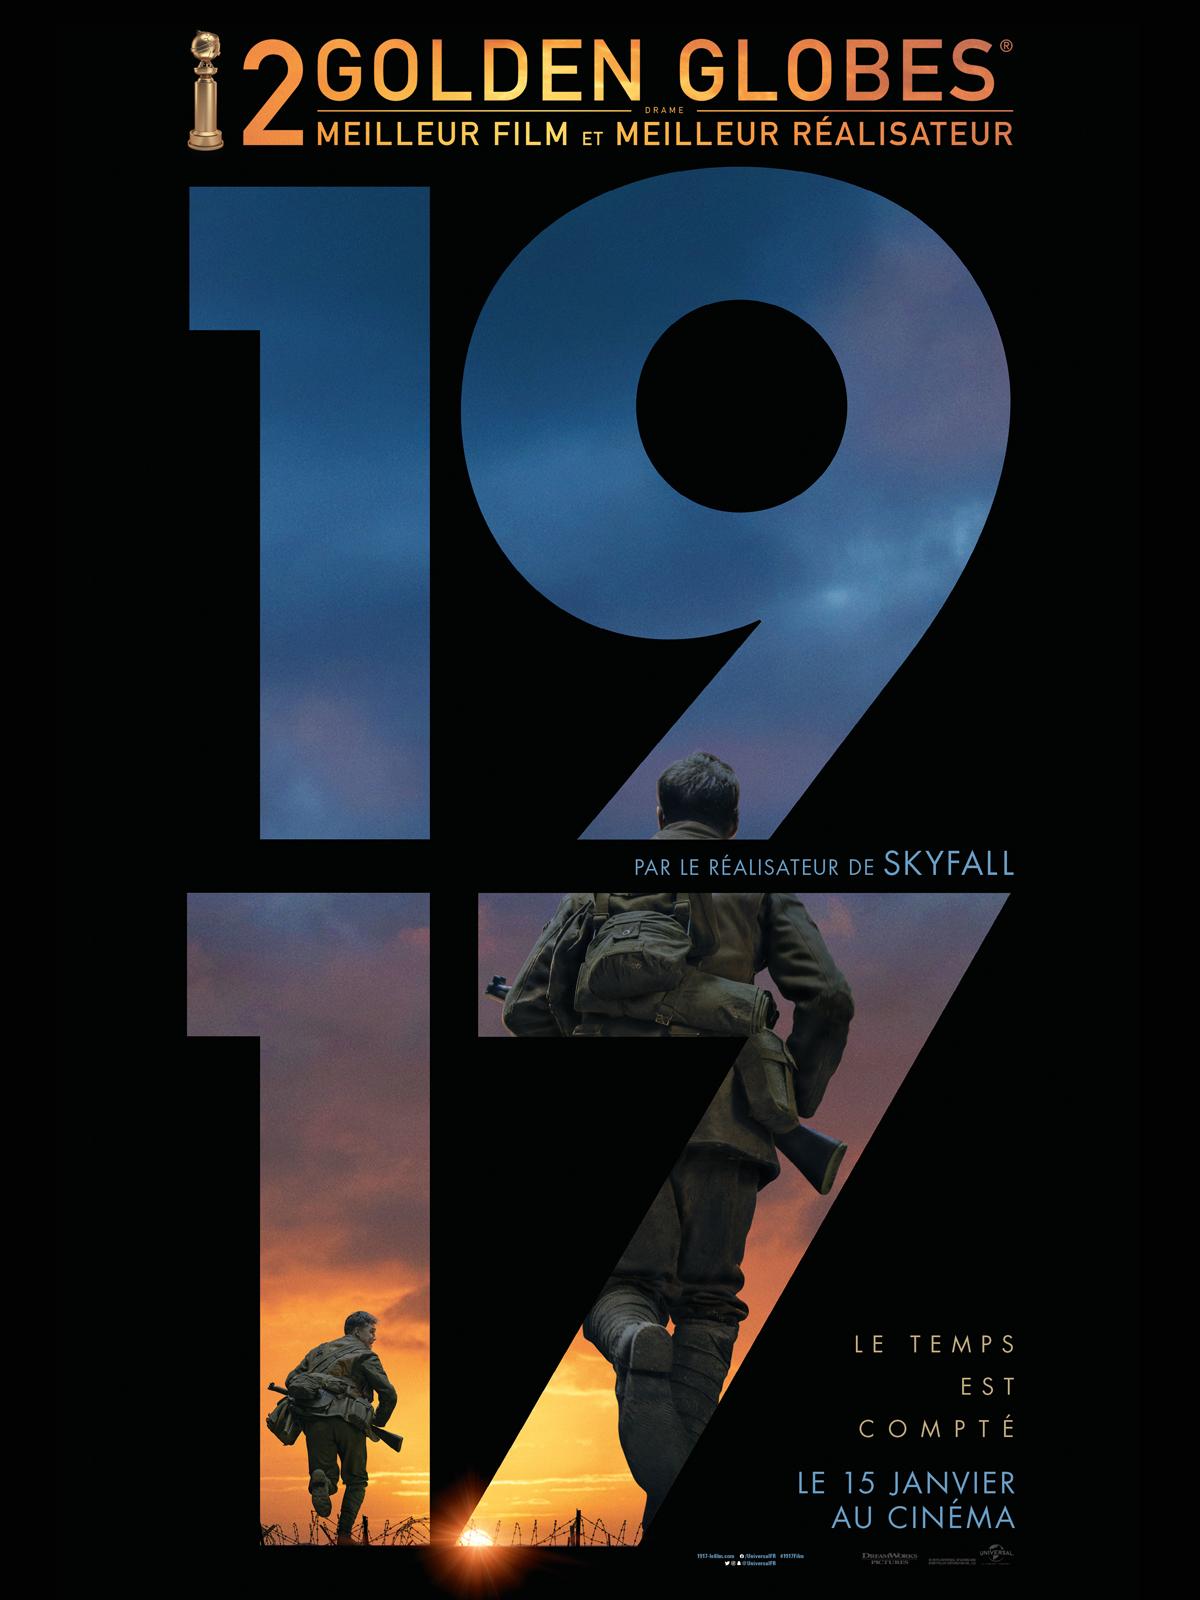 Achat 1917 en DVD - AlloCiné